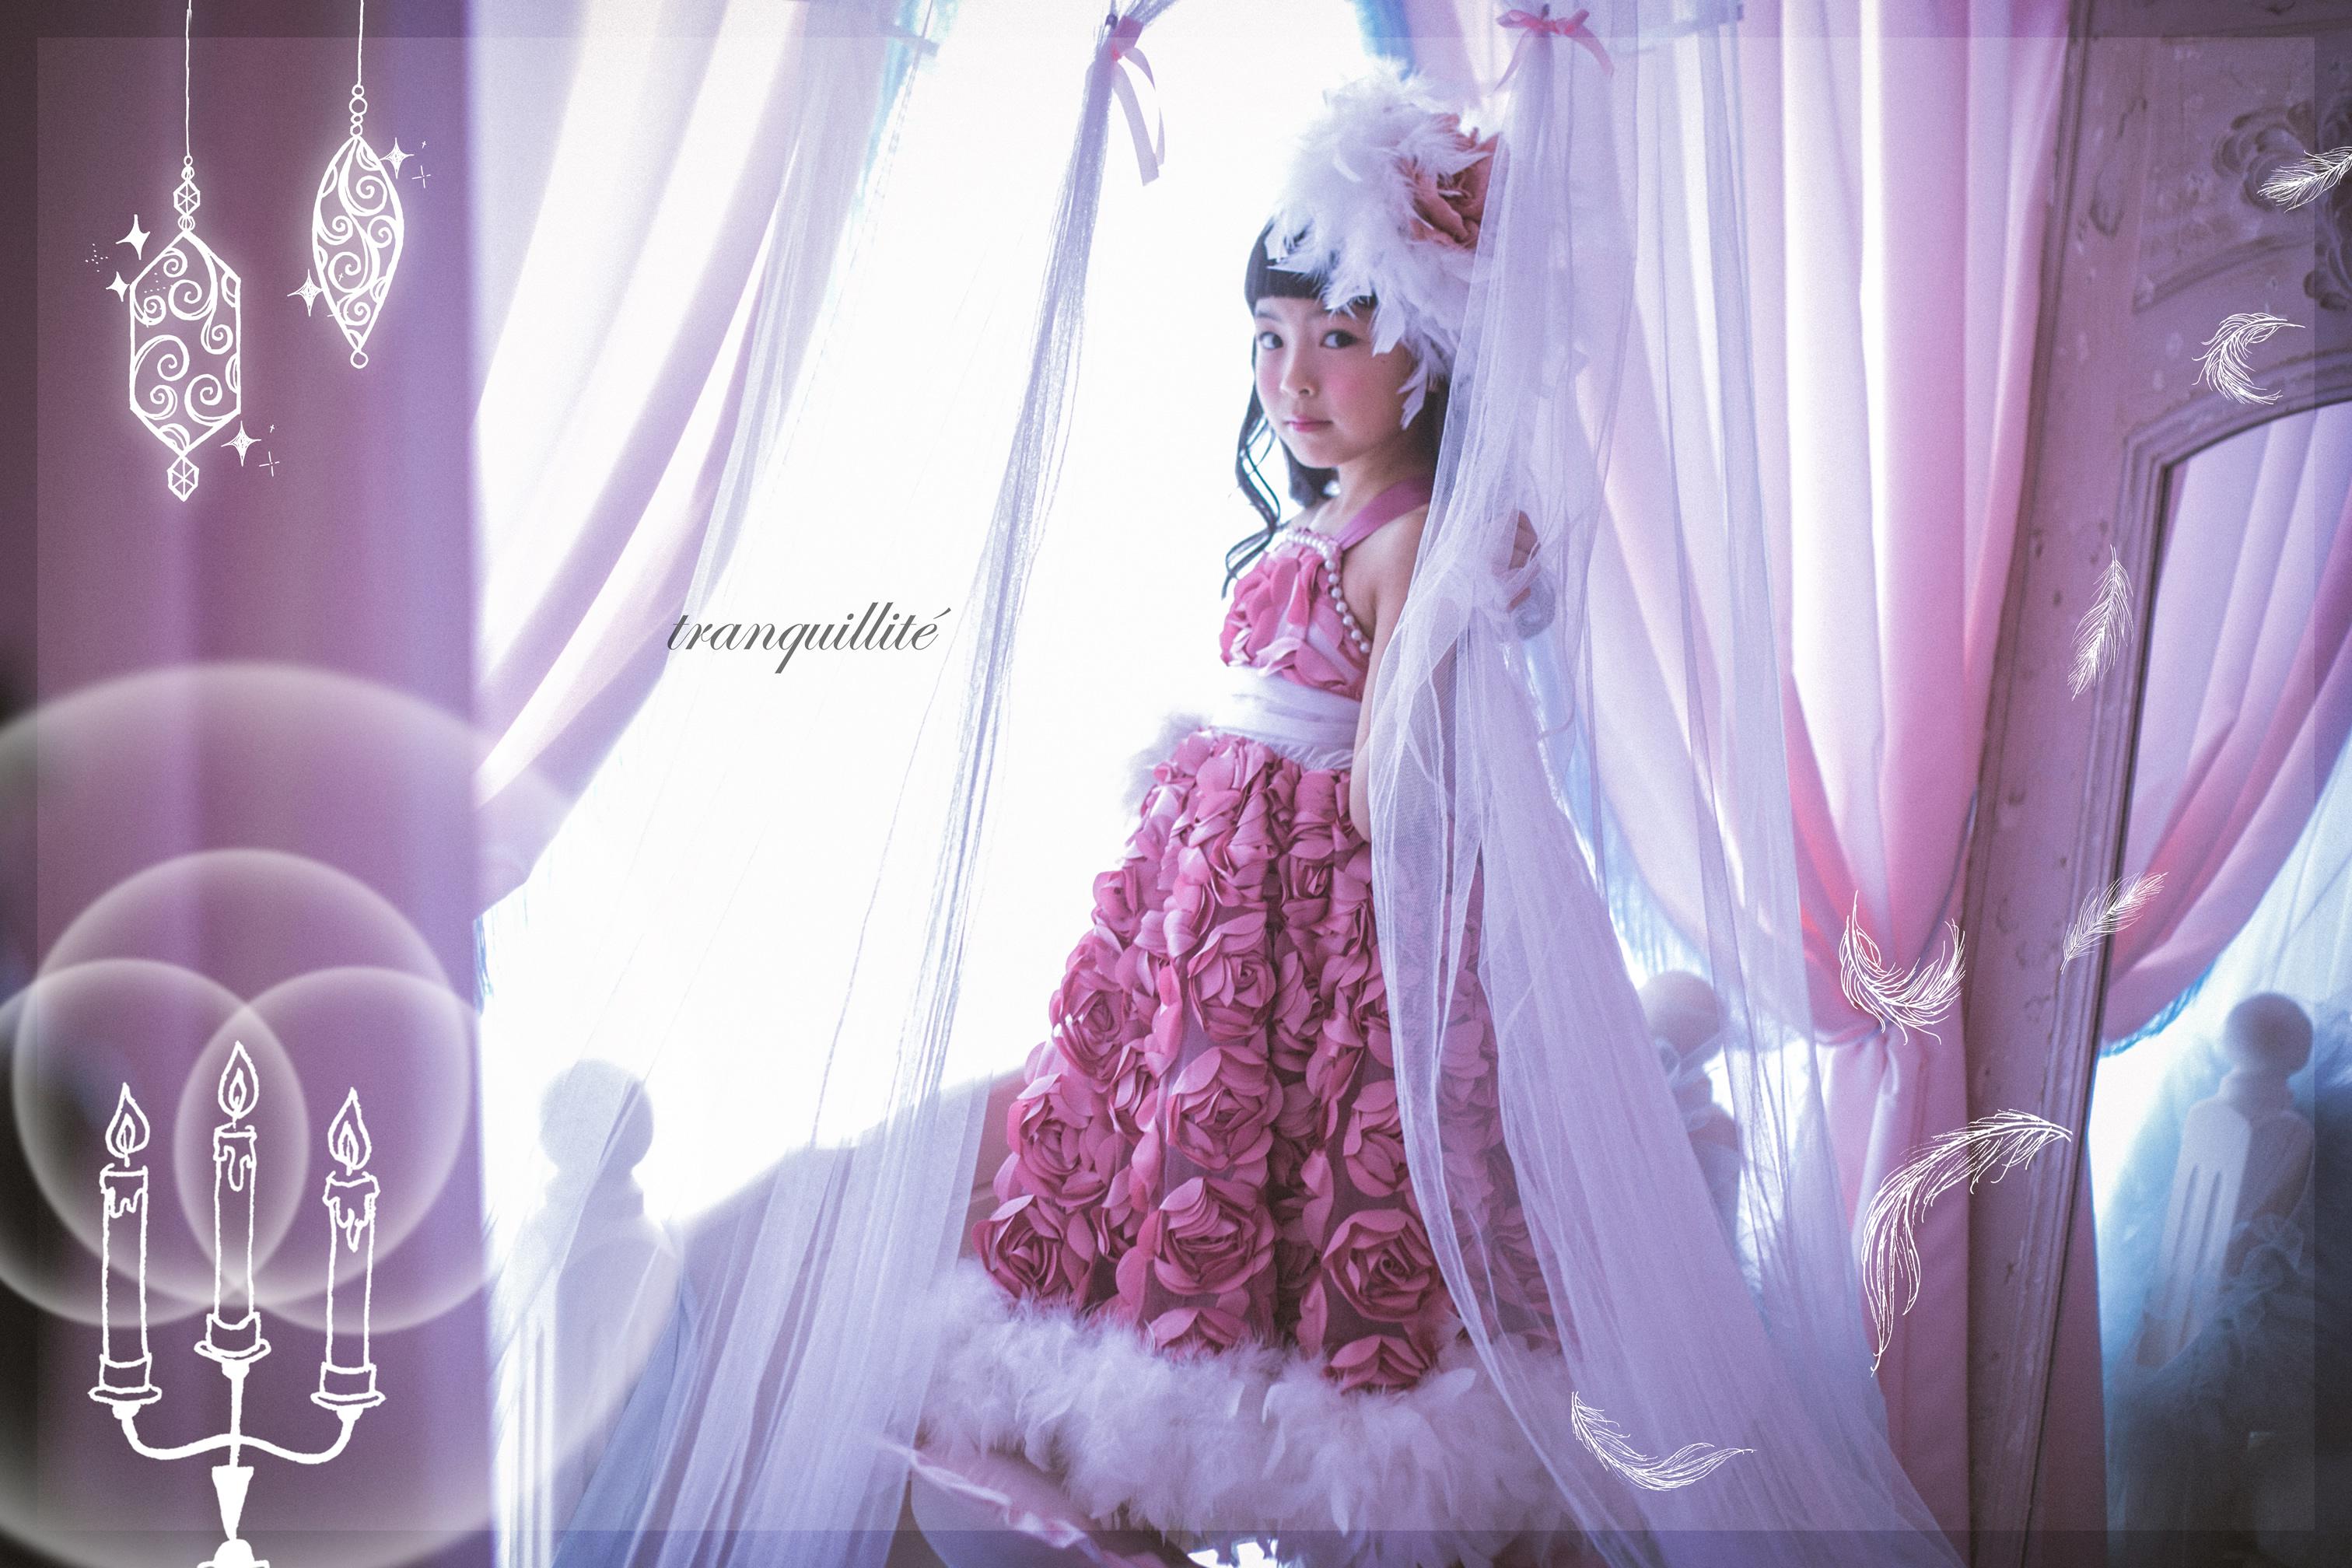 レンタルドレスyuzuピンクローズのフェザードレス